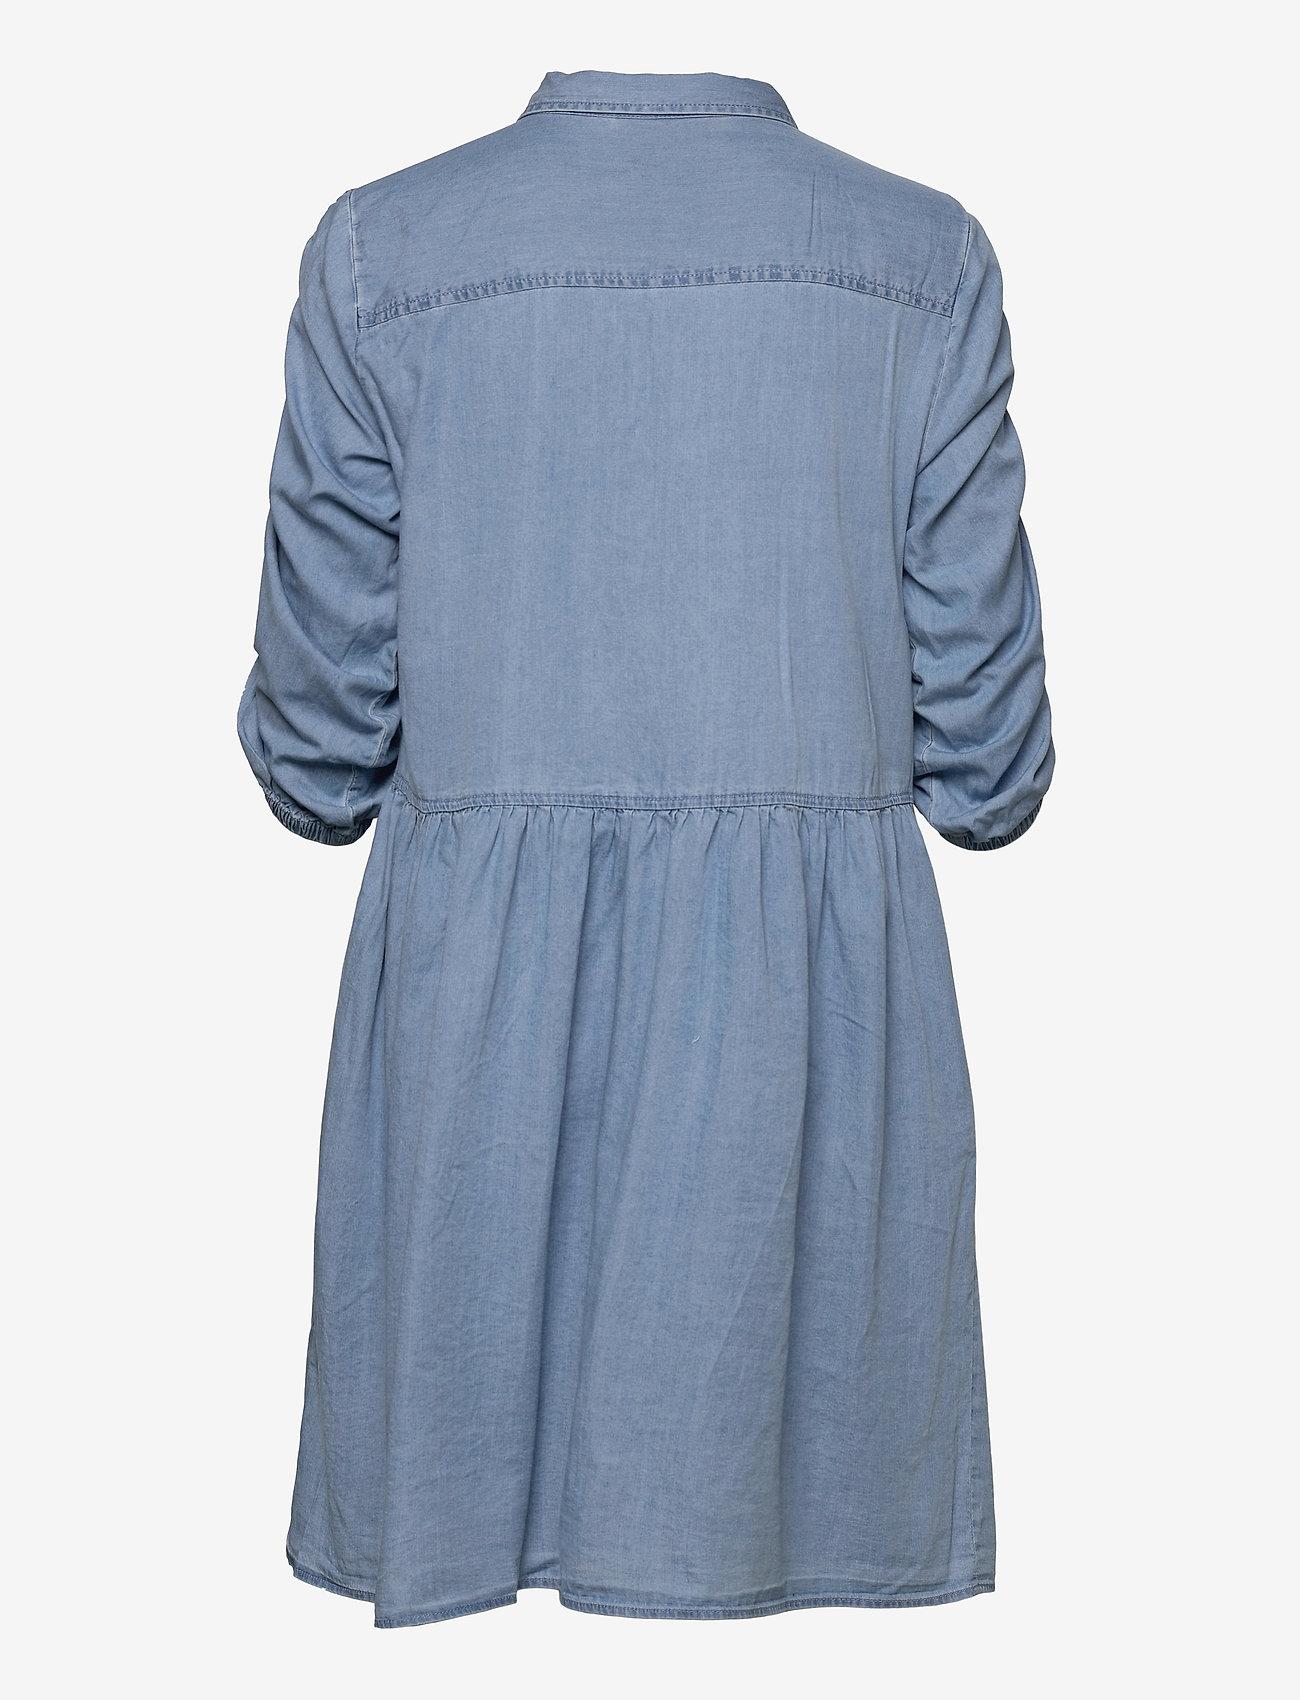 FREE/QUENT - FQBOBBY-DR-PUFF - zomerjurken - light blue denim - 1